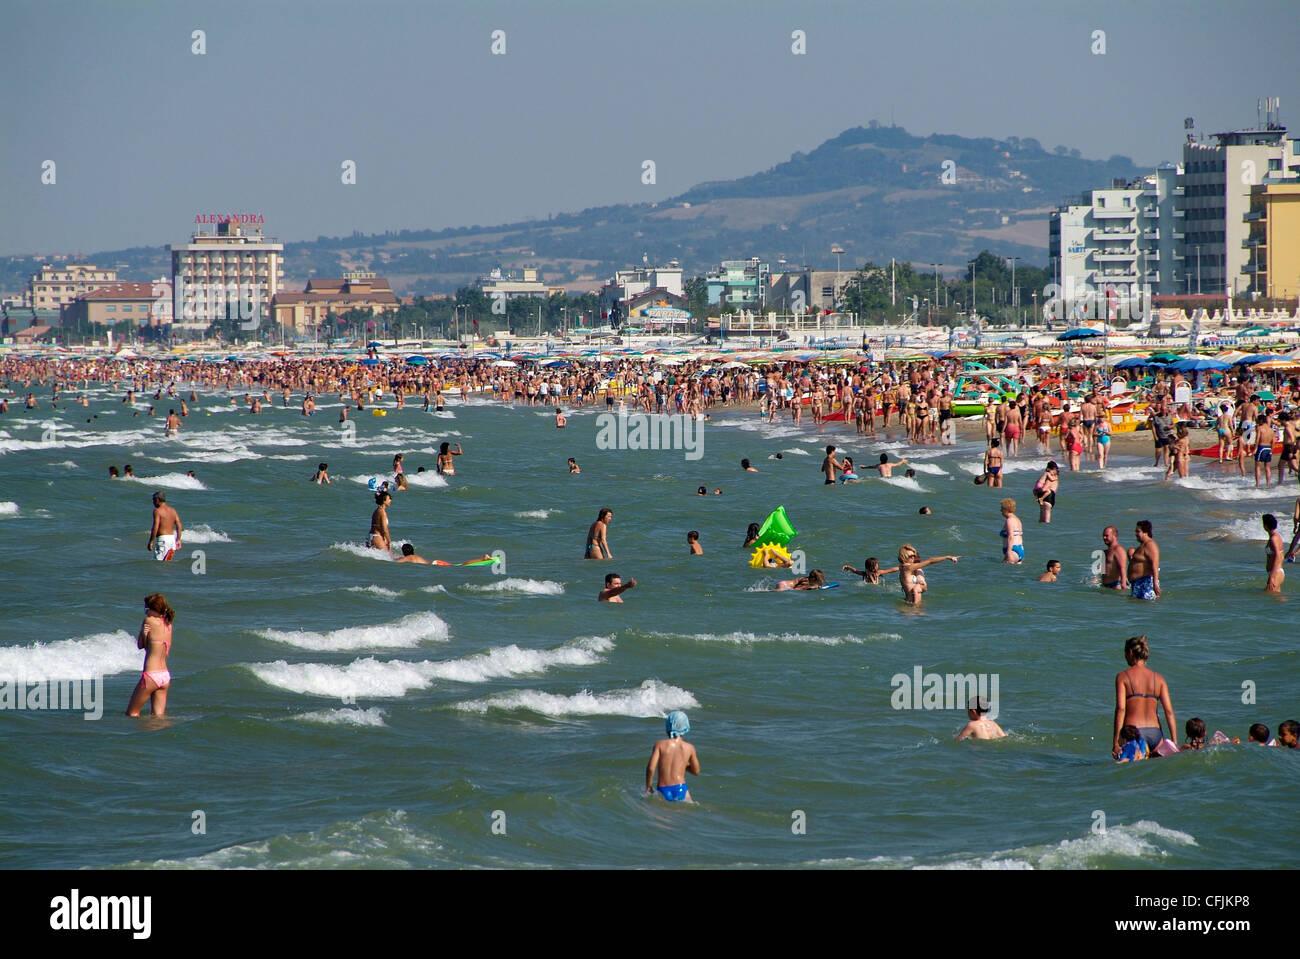 Beach at Riccione, Adriatic coast, Emilia-Romagna, Italy, Europe - Stock Image